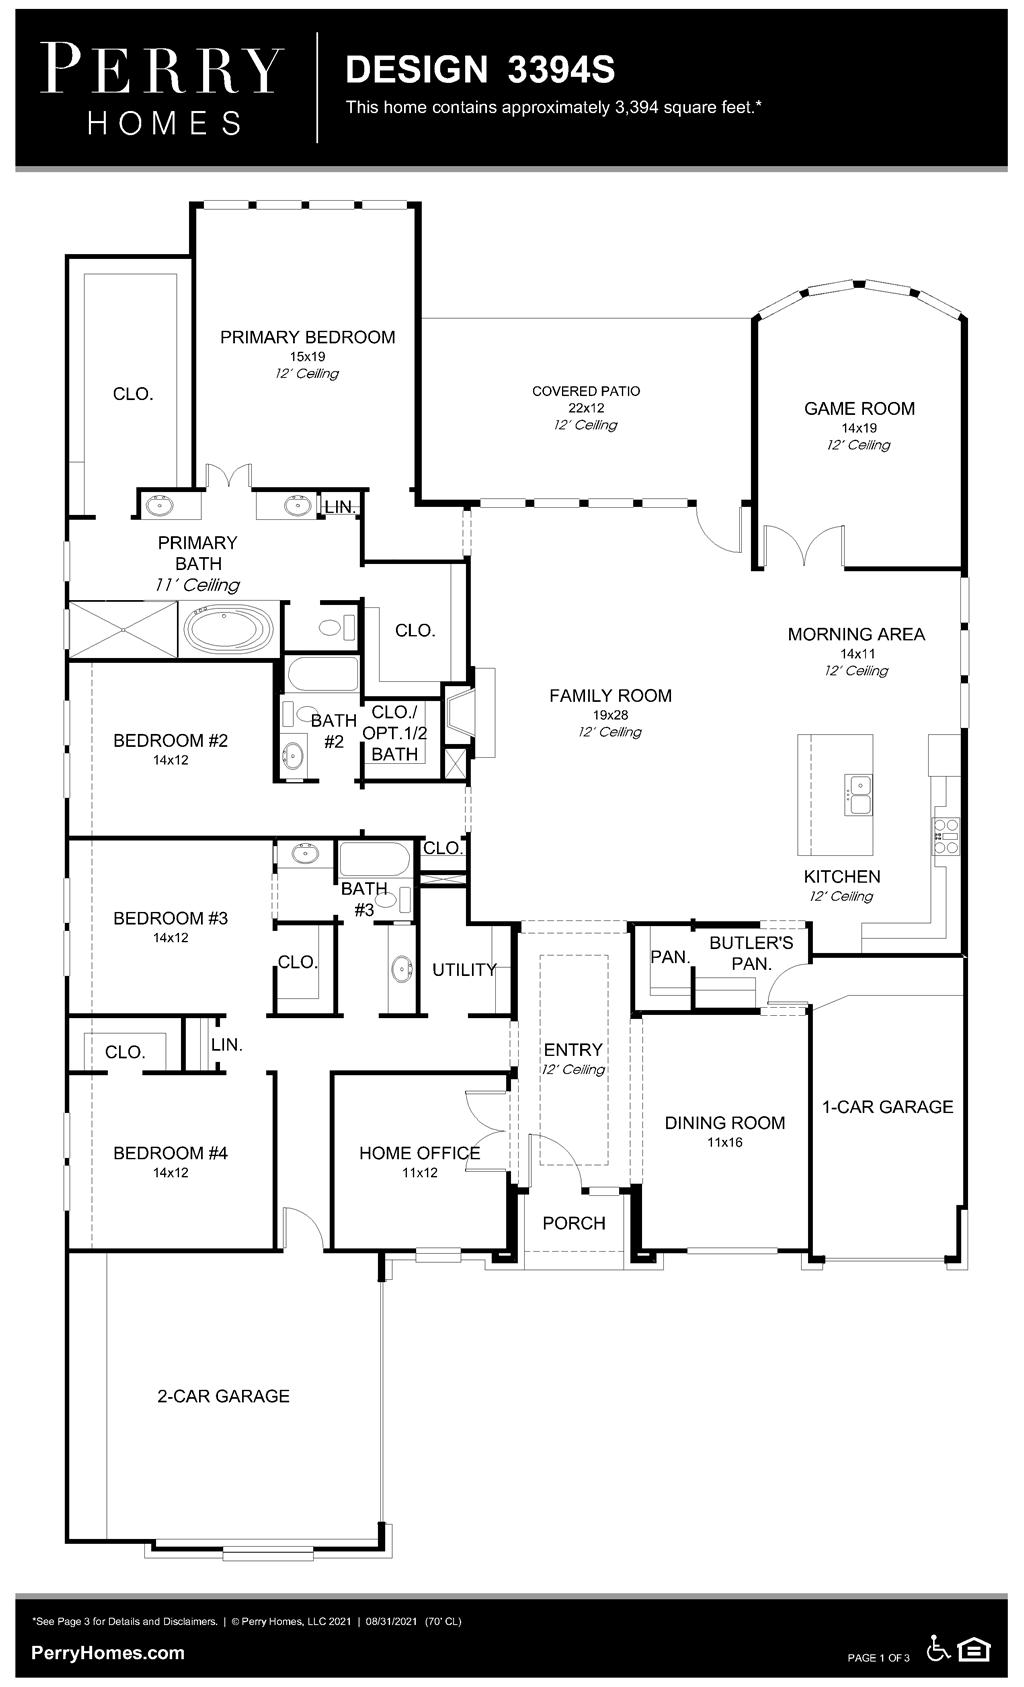 Floor Plan for 3394S